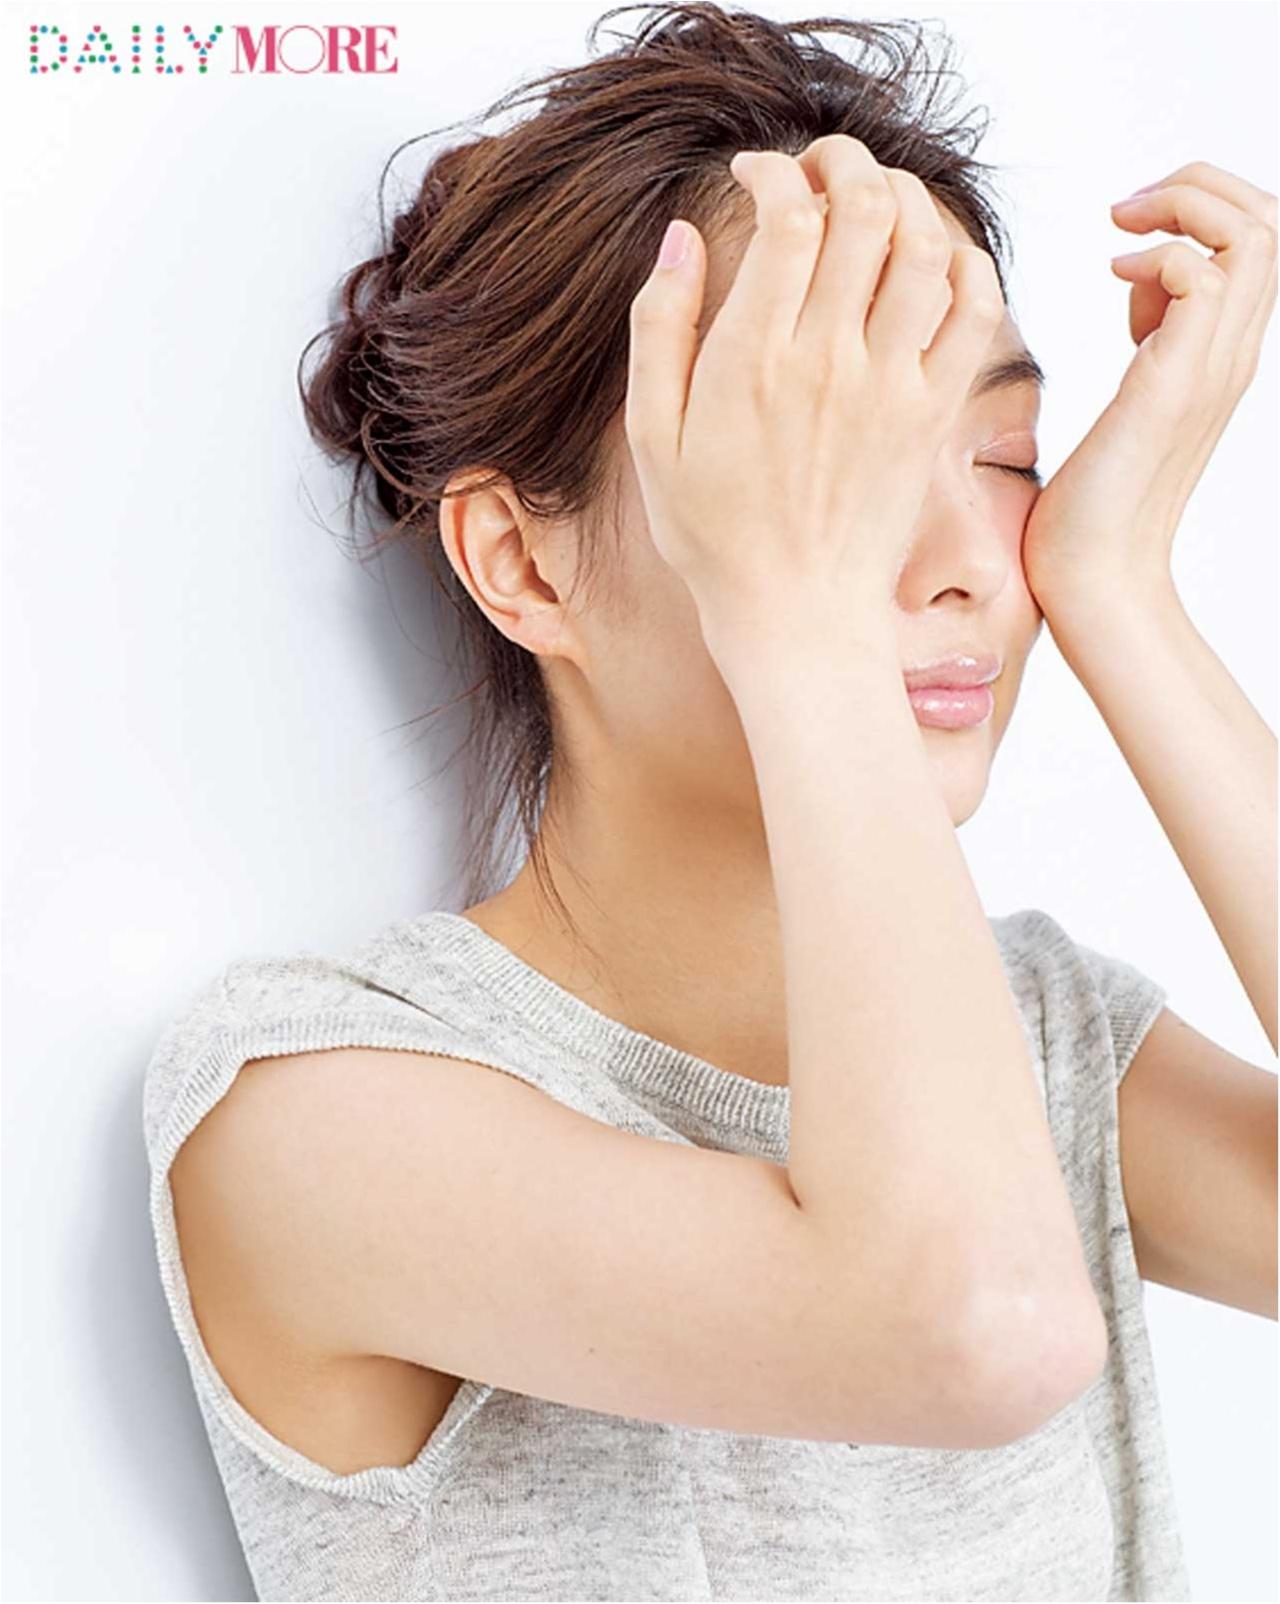 エラ張りの悩みを解消して小顔になれるテク - エラの張りがカバーできる前髪や眉メイク、セルフコルギ(マッサージ)など_12